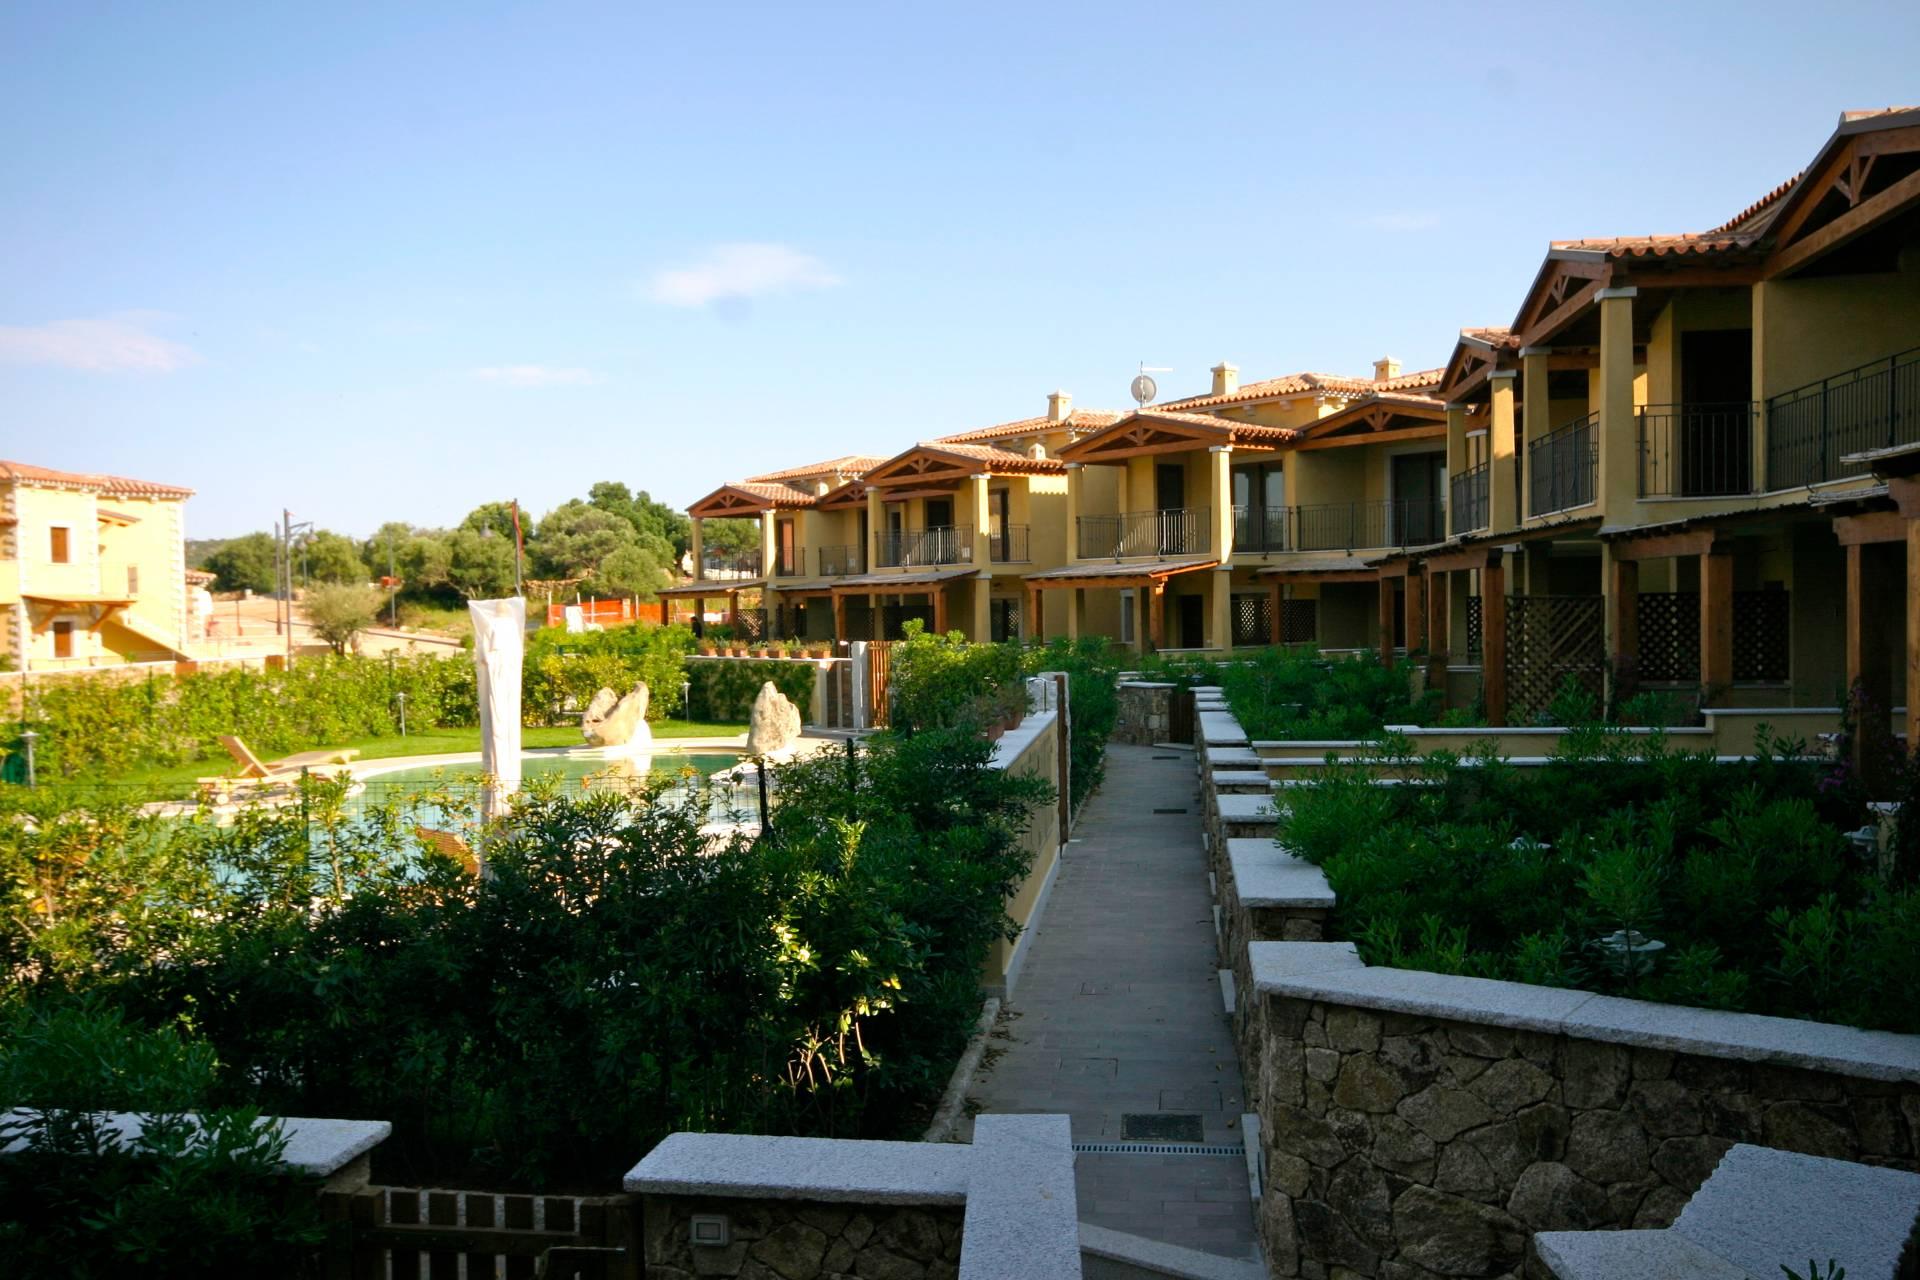 Cbi040 ed006ed casa vacanze in affitto a olbia for Case affitto vacanze